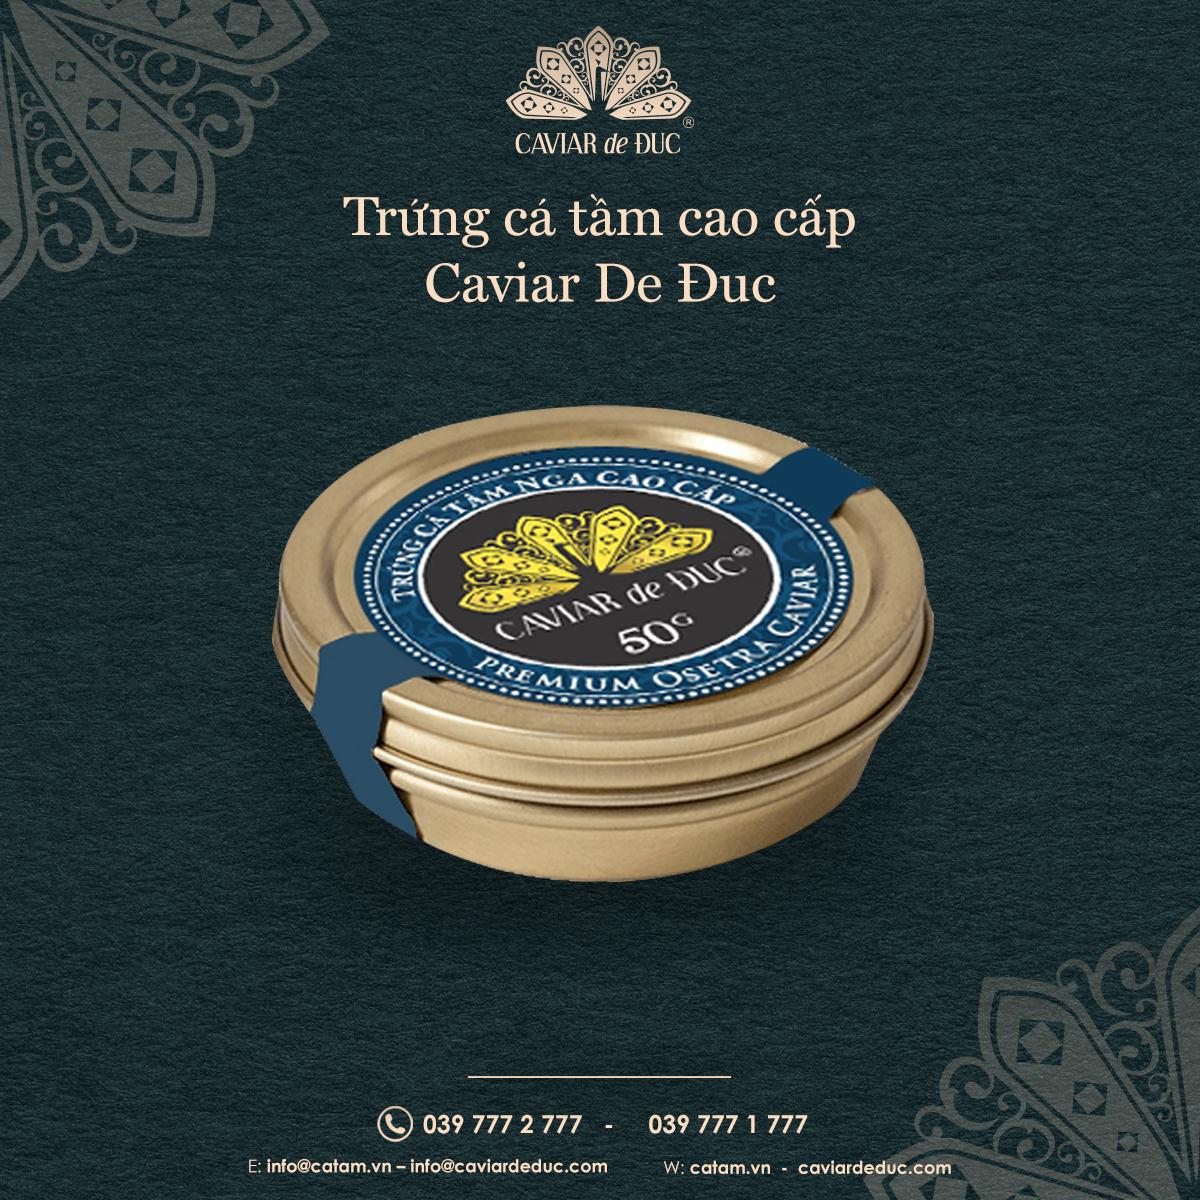 Premium Osetra Caviar